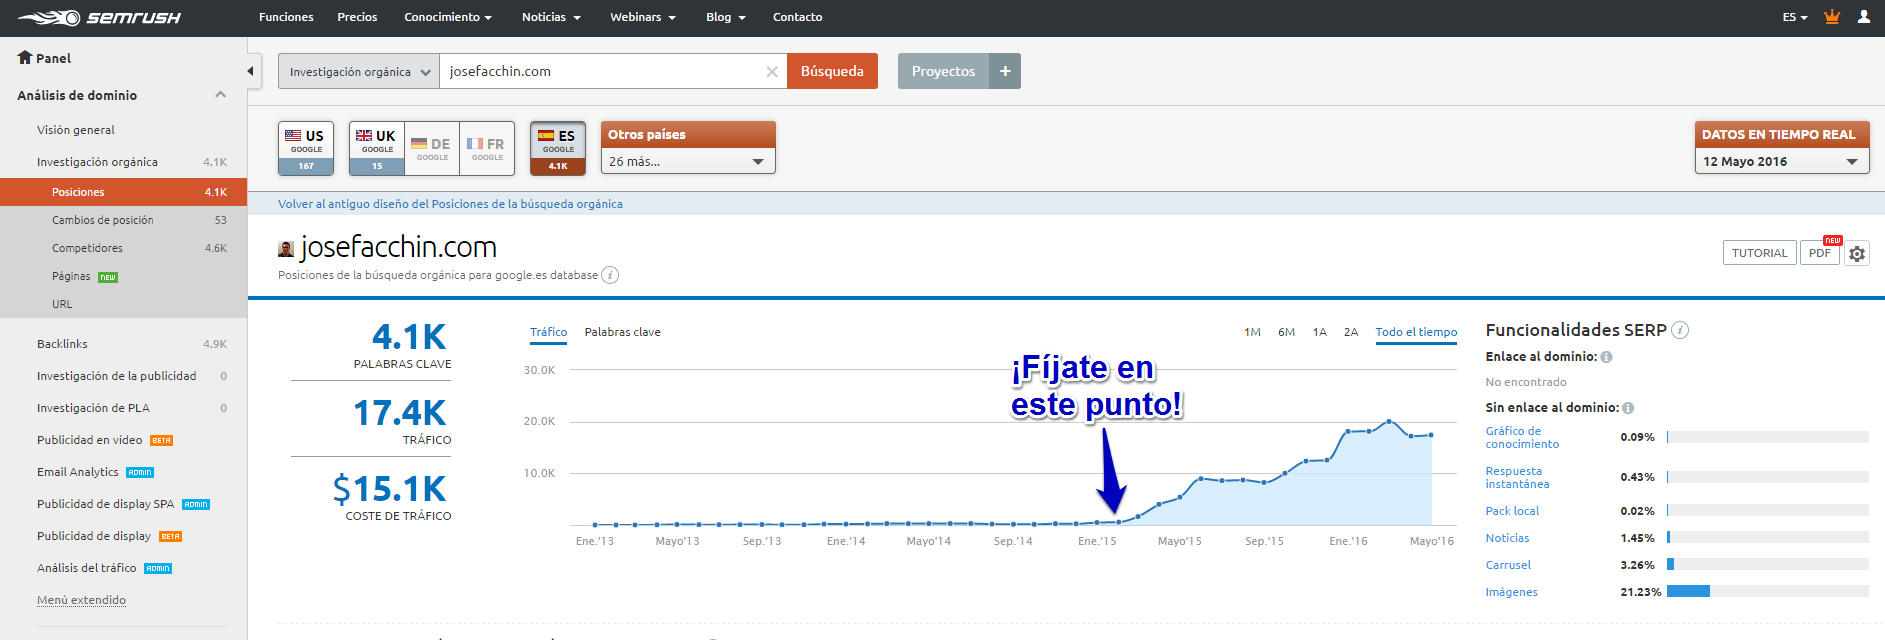 """""""Keyword research"""" para mejorar los contenidos de tu blog - Punto de inflexión"""